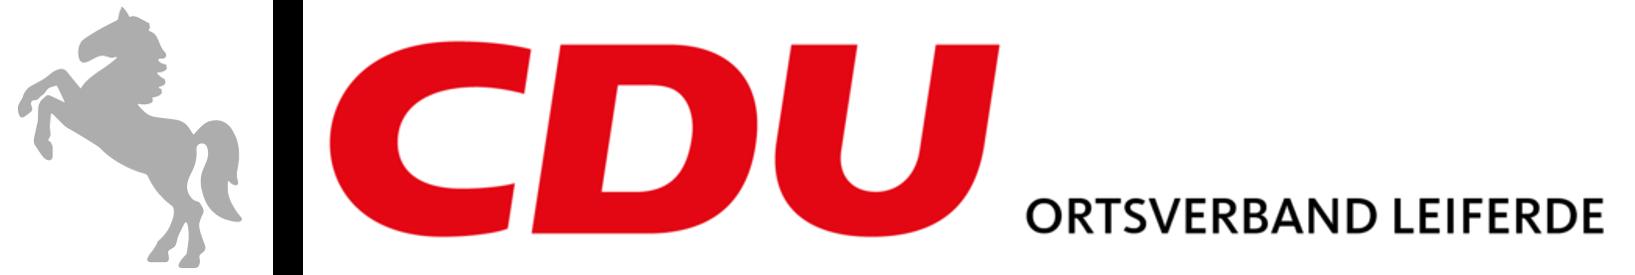 CDU-Leiferde